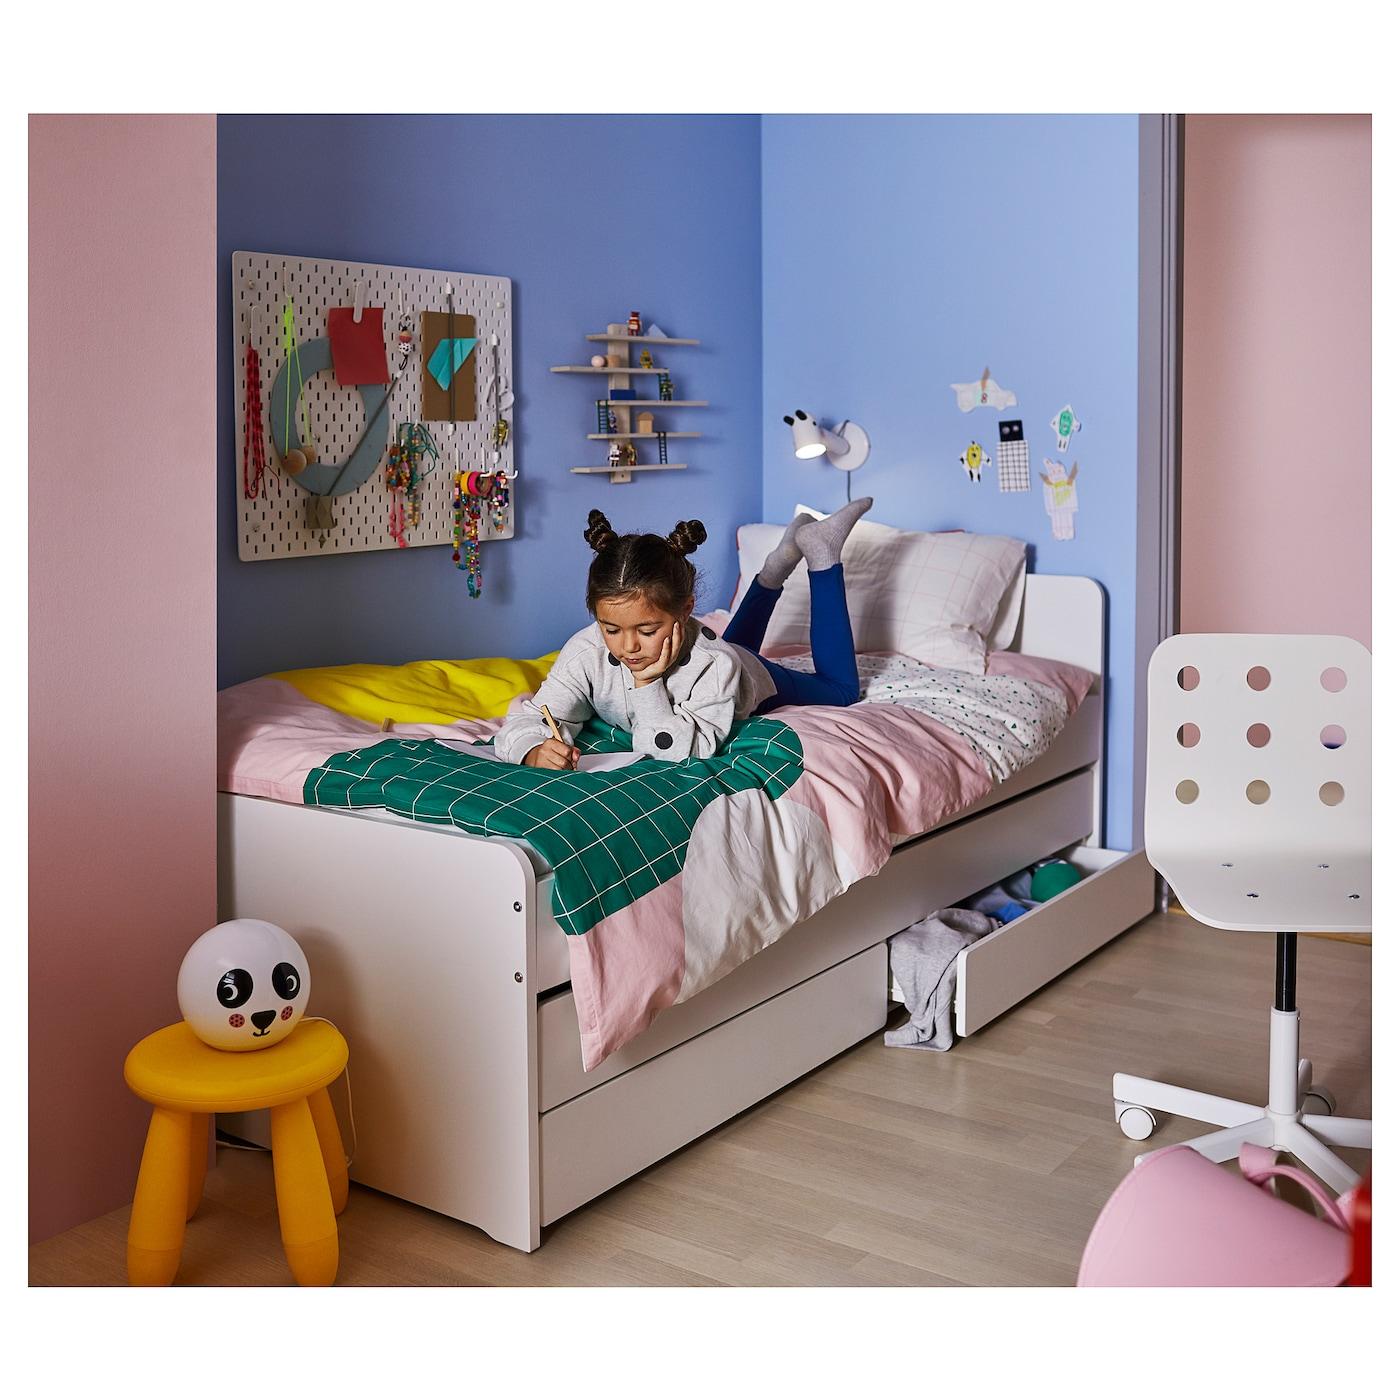 Full Size of Bett Mit Ausziehbett Ikea Slkt Bettgestell 140 Betten Günstig Kaufen 180x200 Esstisch Baumkante Keilkissen Bambus Amerikanische Modernes Bette Starlet 4 Wohnzimmer Bett Mit Ausziehbett Ikea